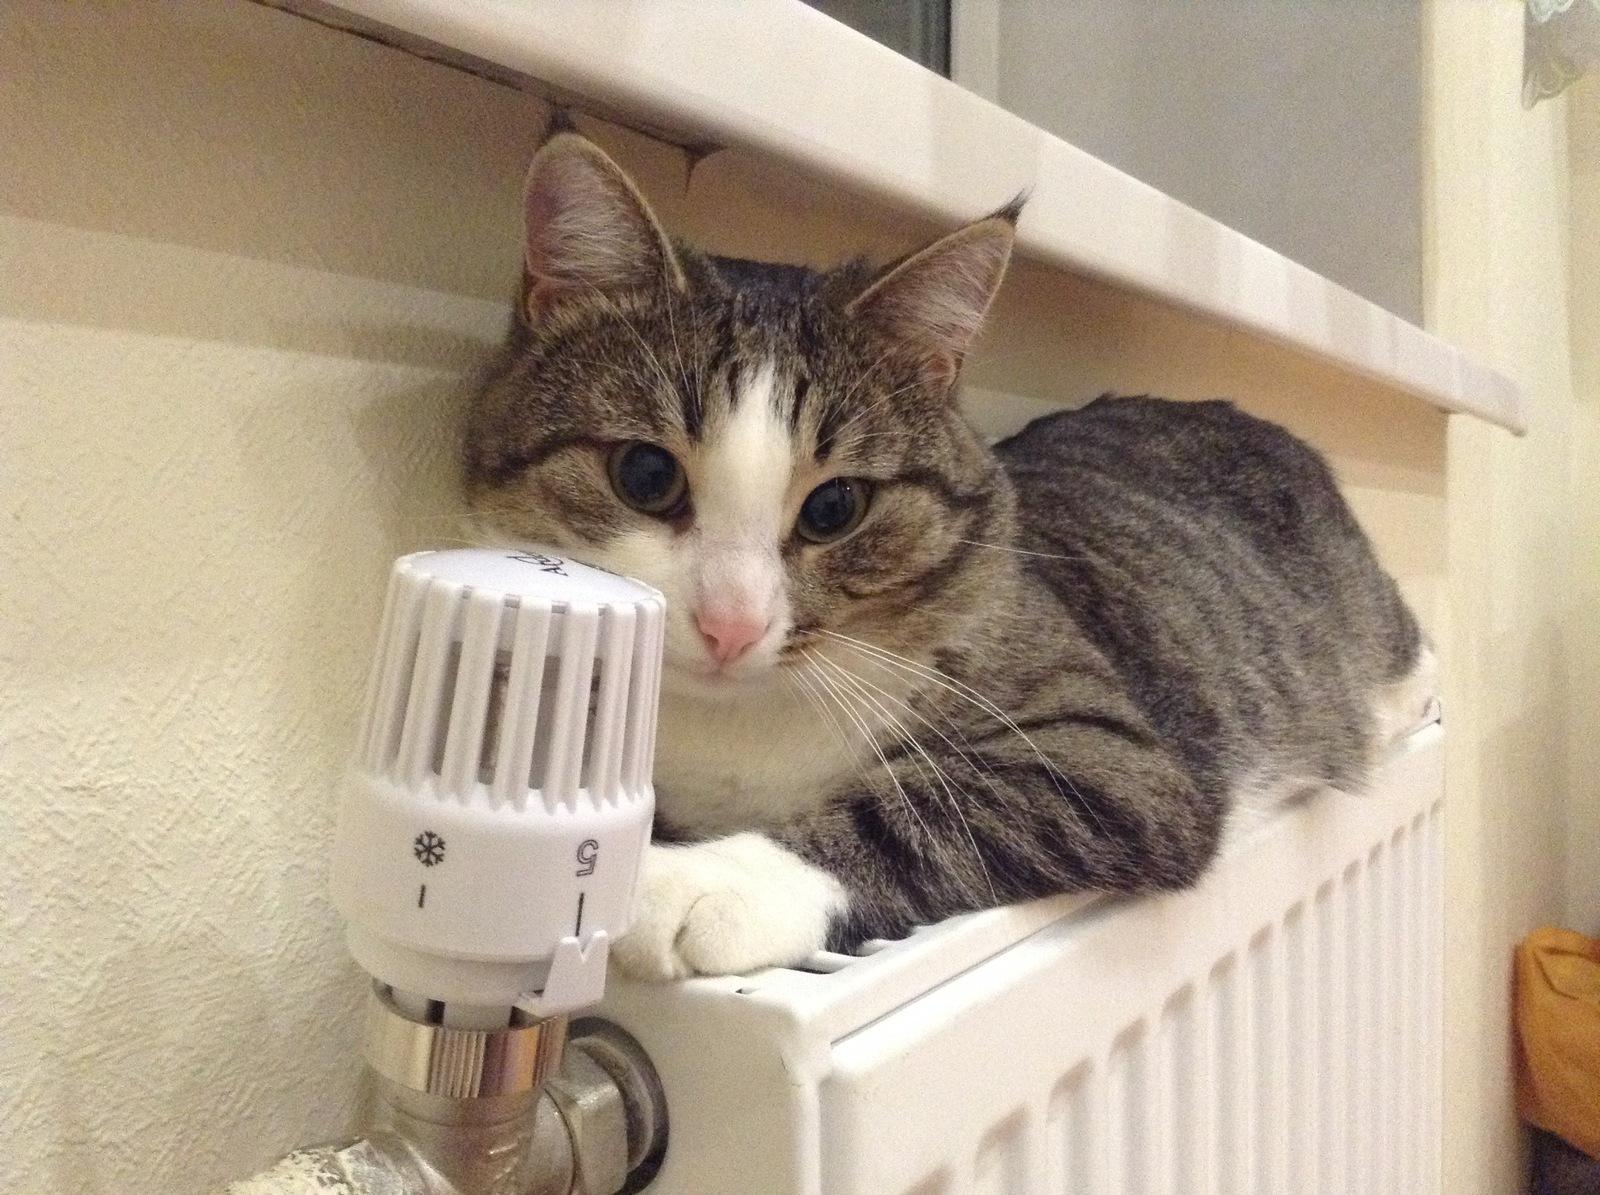 В Марий Эл открыли «горячую линию» о тепле в домах - ГТРК Марий Эл 13.10.2020